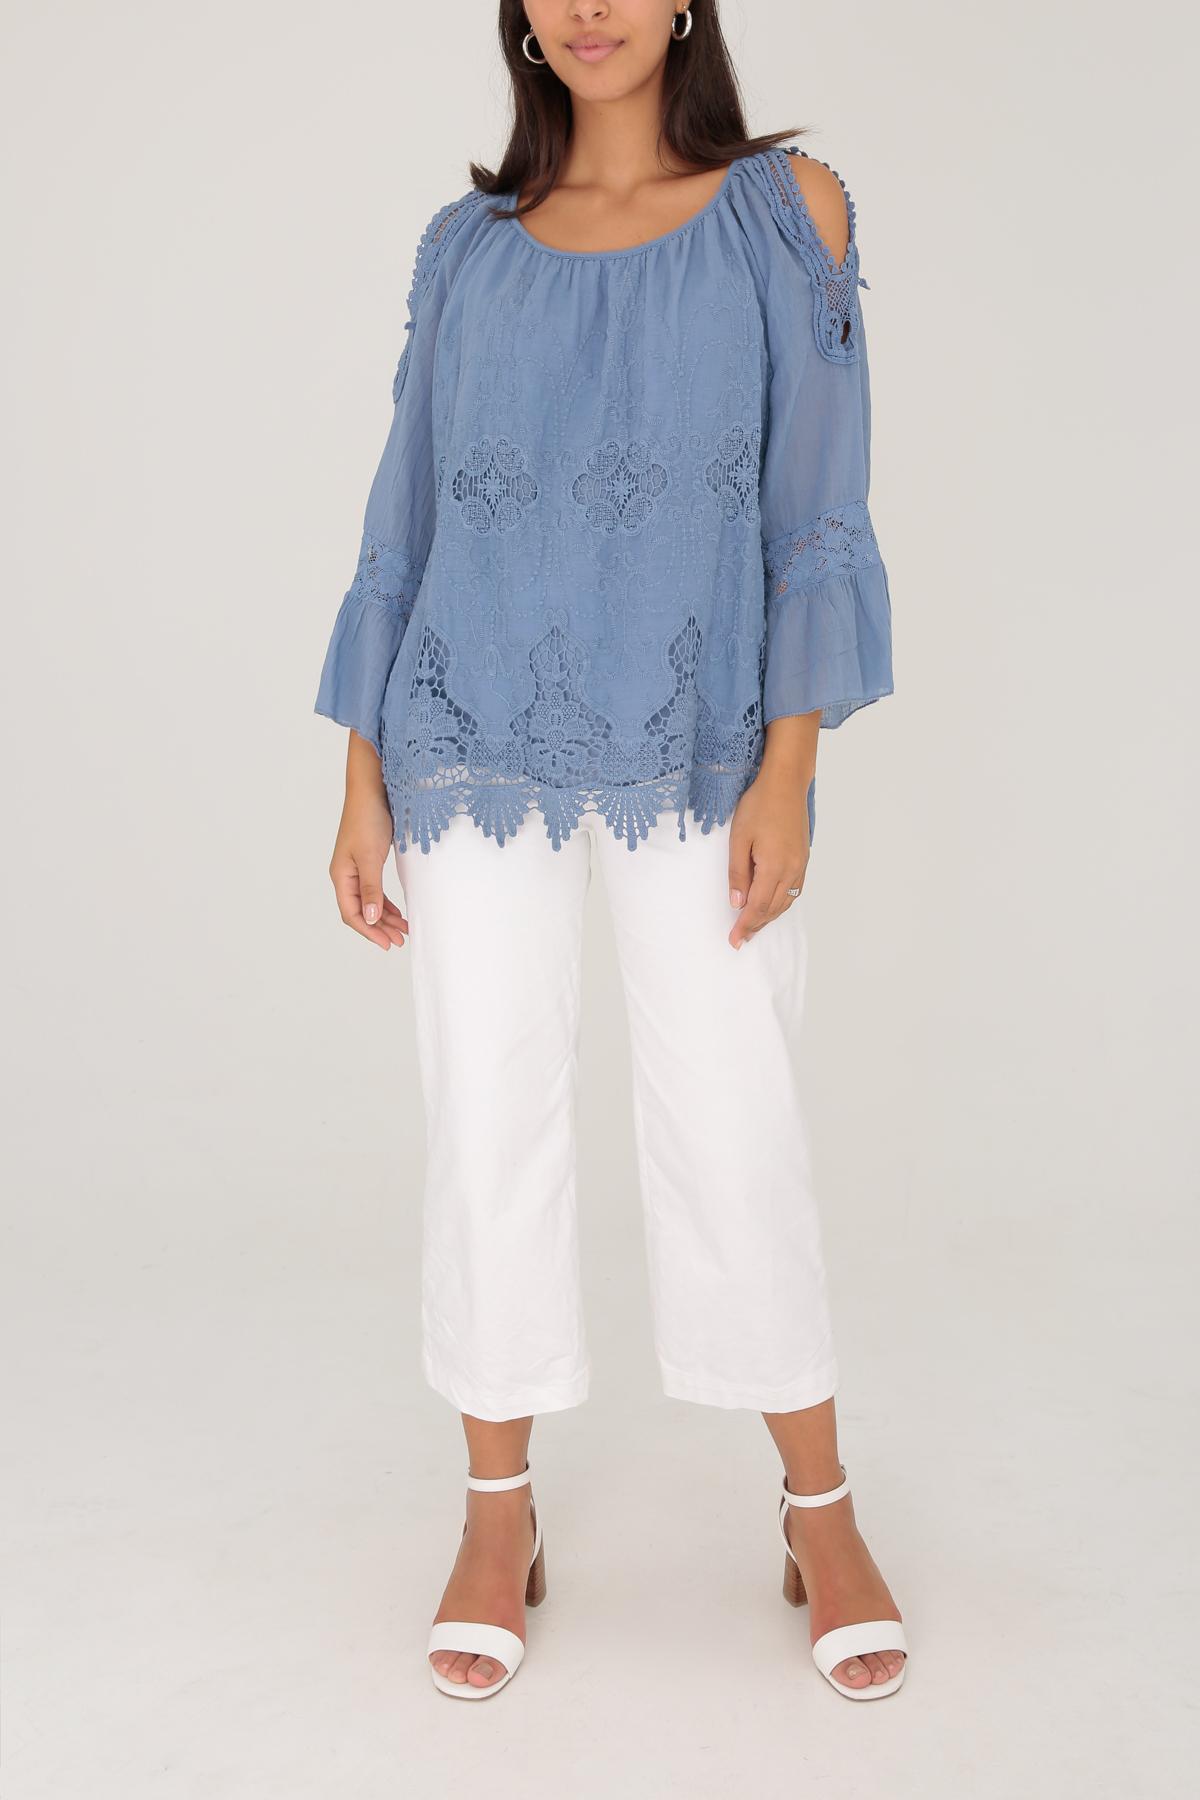 Colette Cotton Cold Shoulder Blouse  - Denin Blue